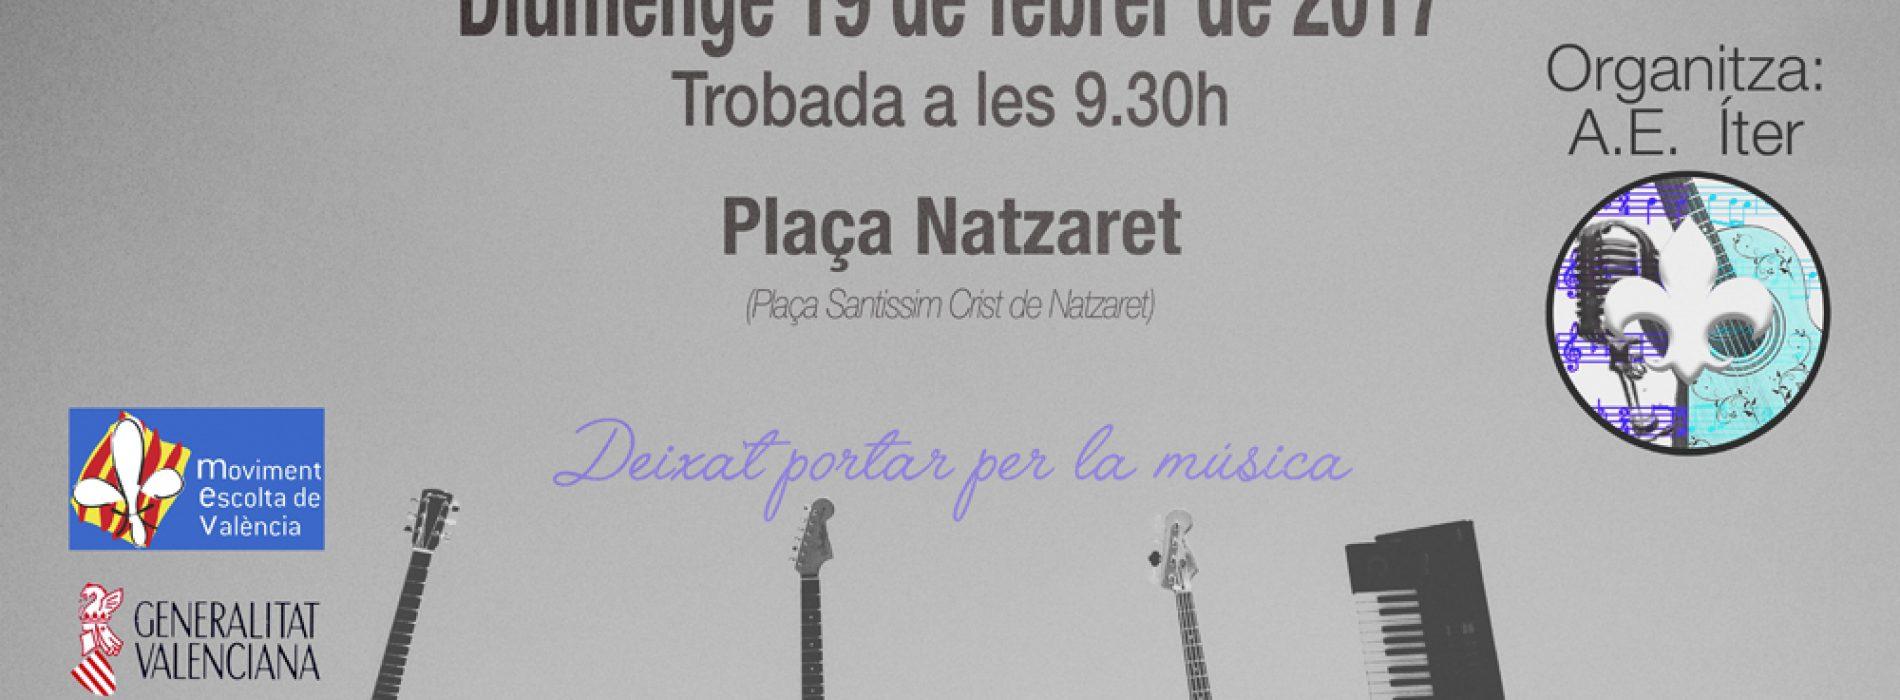 XXXII Festival de la Cançó Escolta MEV